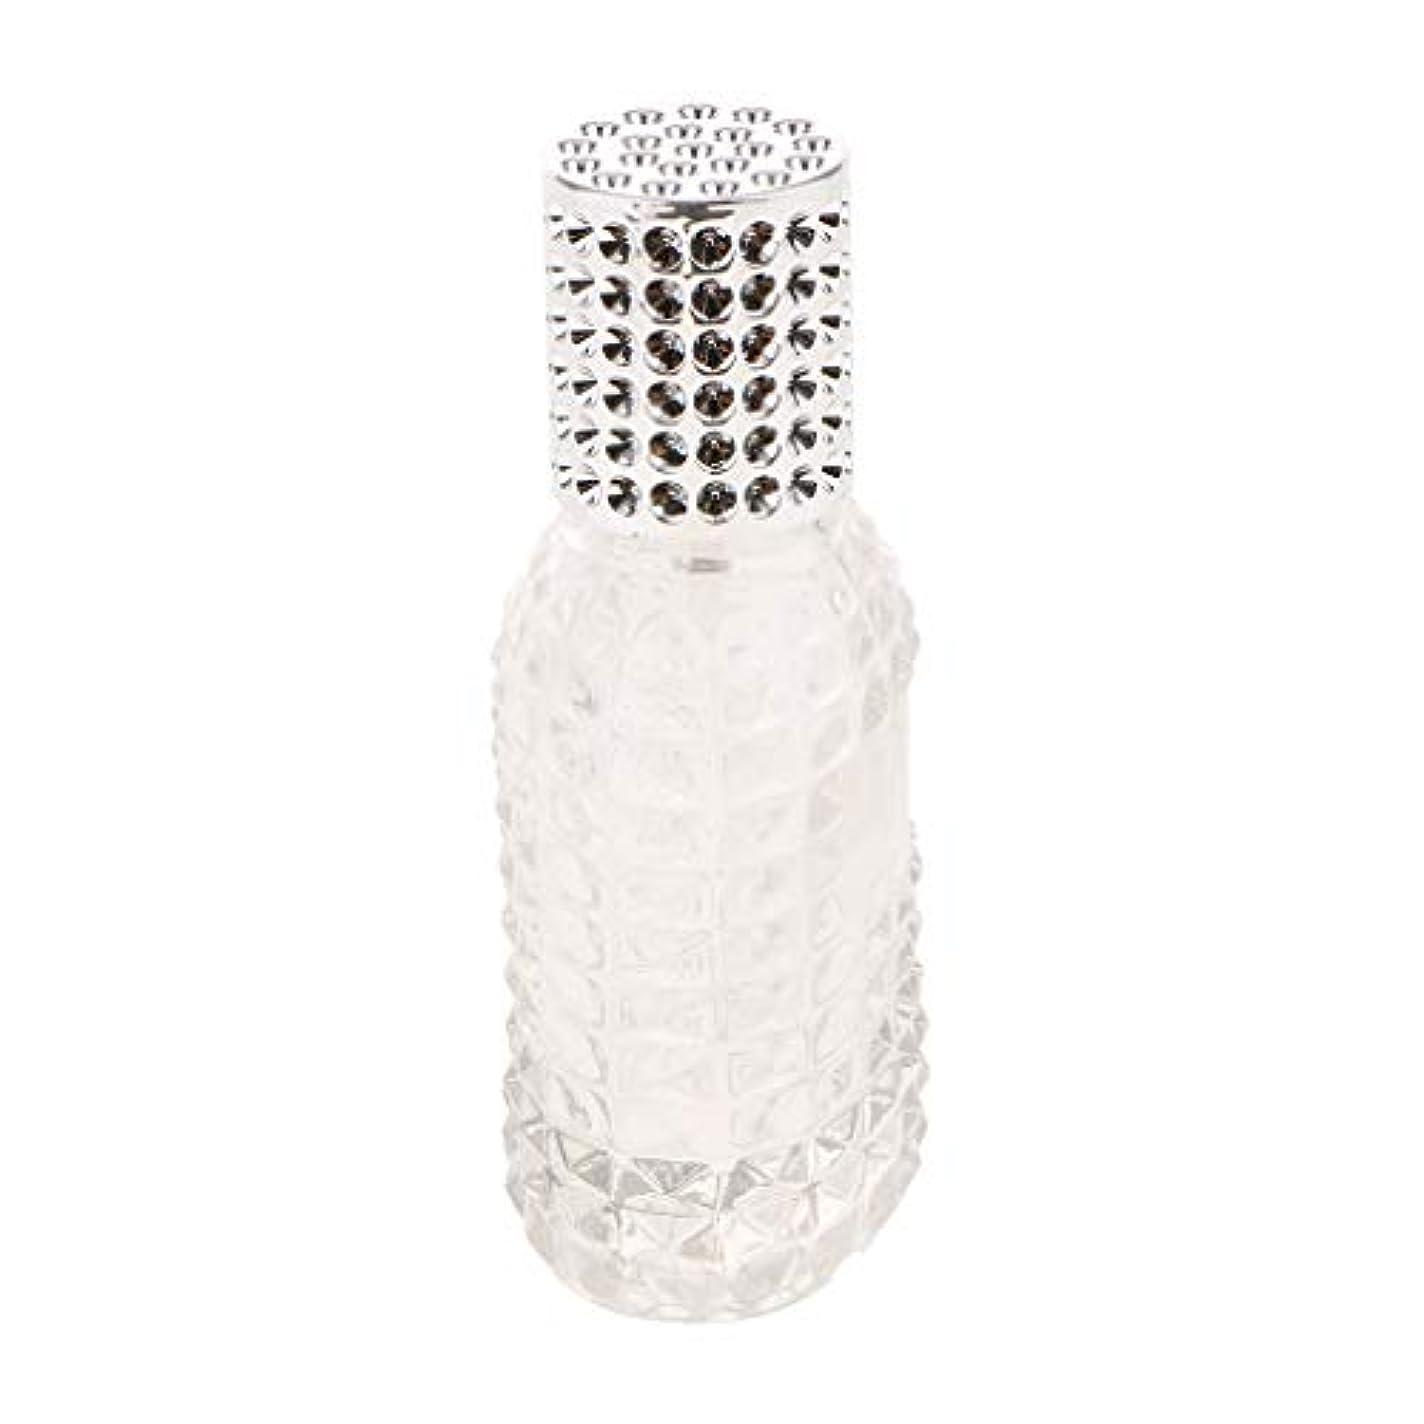 親指戦略ふさわしいSM SunniMix ガラス 香水瓶 空 スプレー香水ボトル 美しいパイナップルデザイン 詰め替え可能 全4種 - シルバー50ml